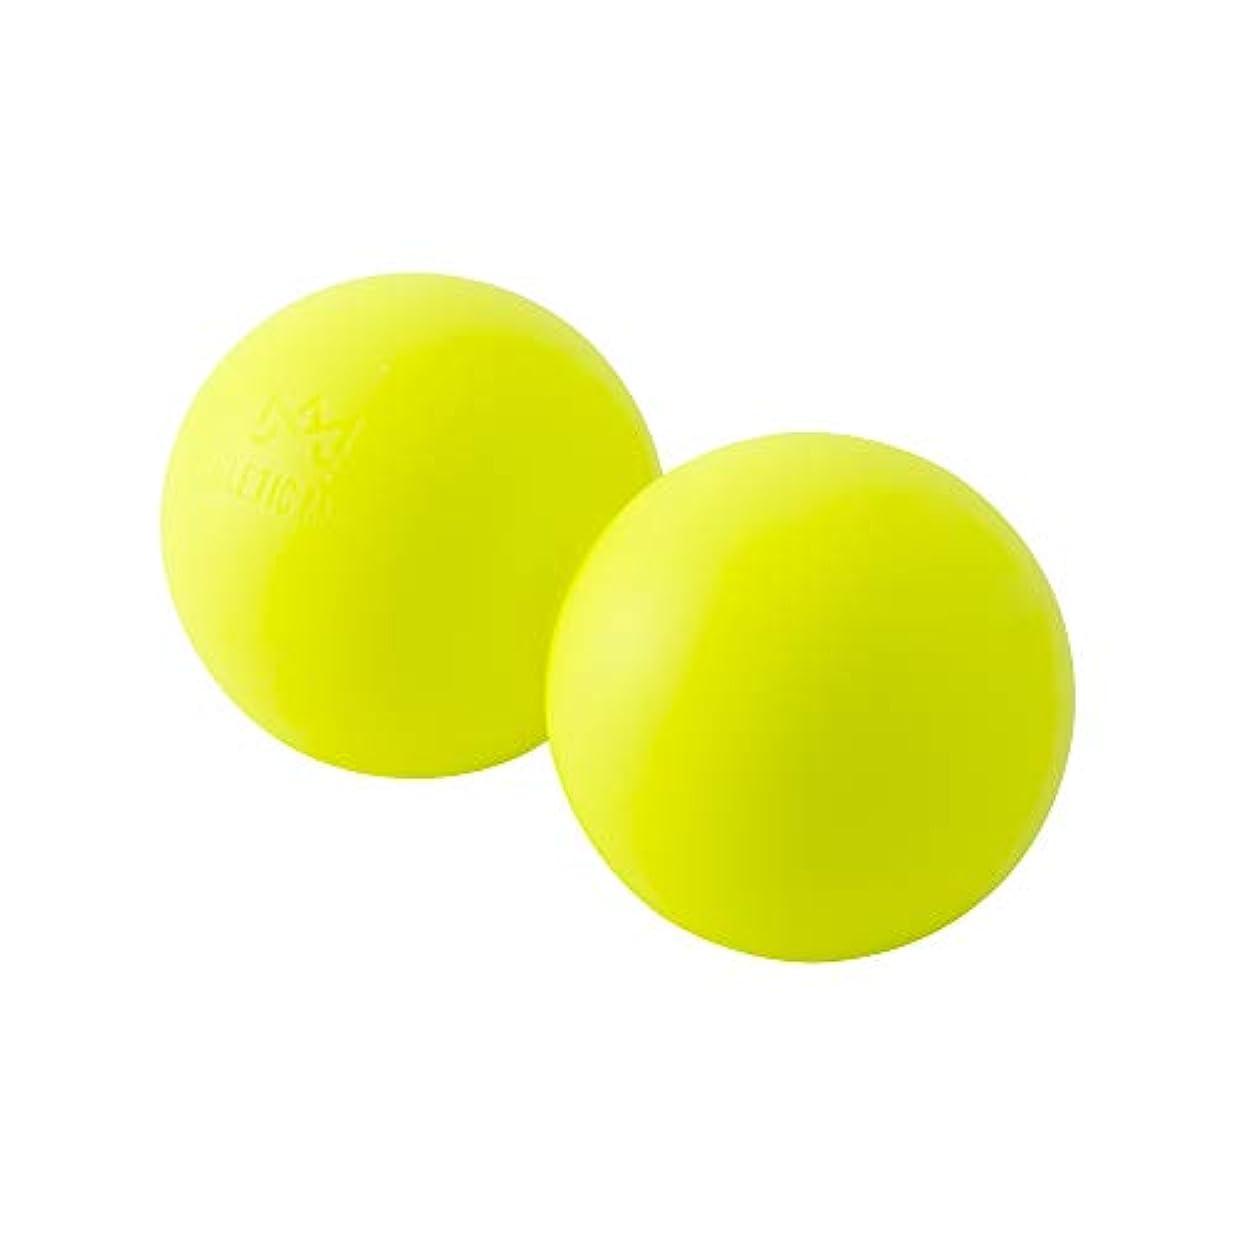 シャイニングアウトドア知覚できるATHLETIC MART ピーナッツ型ストレッチボール マッサージボール ラクロスボール2個サイズ ツボ押し (蛍光イエロー)